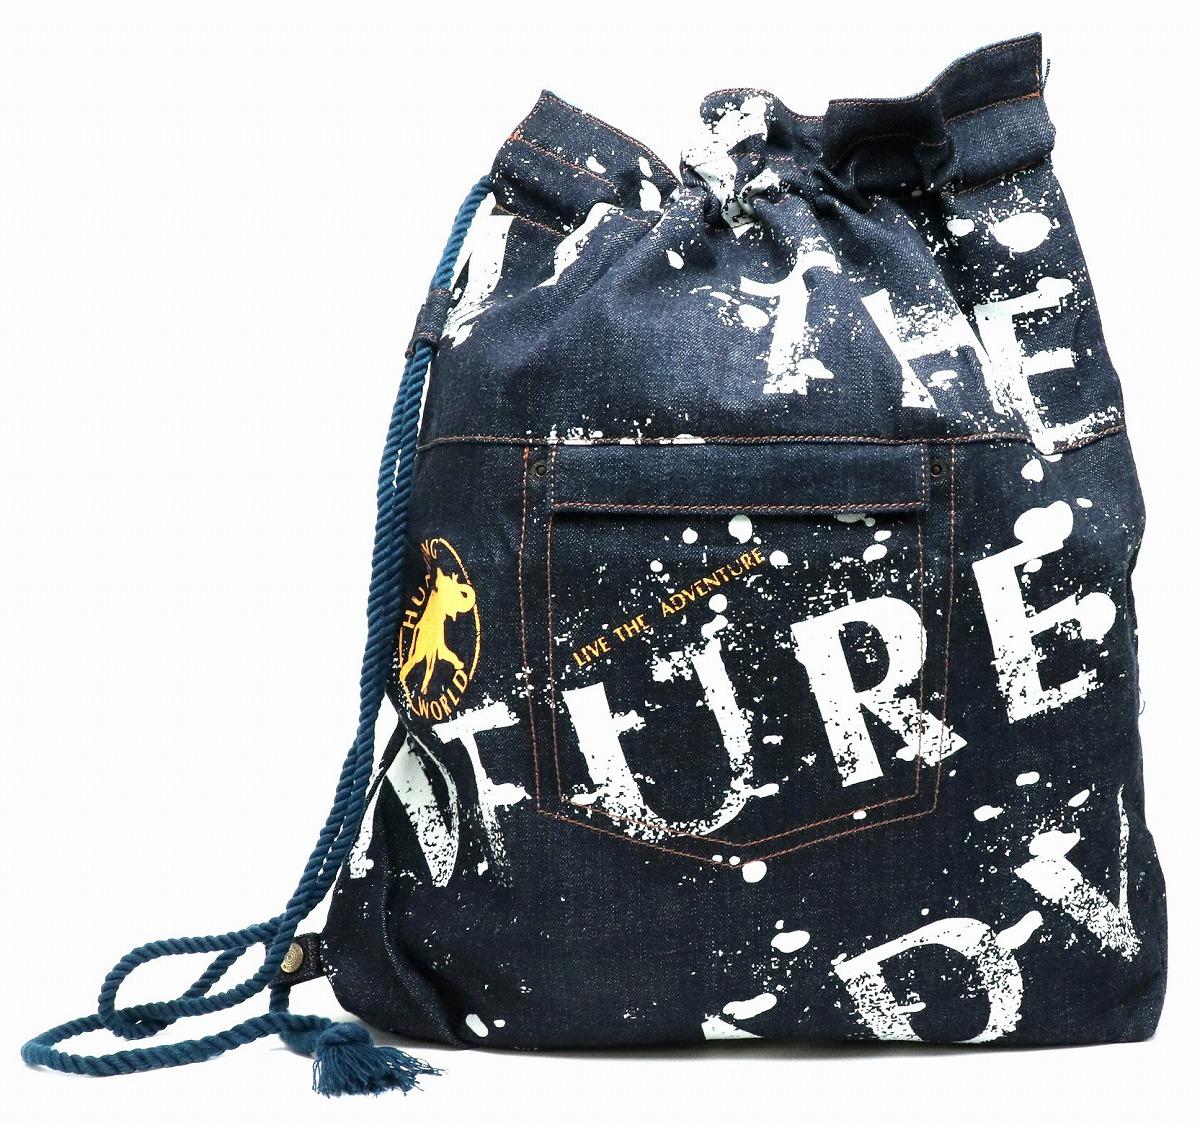 【バッグ】HUNTING WORLD ハンティング ワールド 象徴ロゴ 巾着バッグ ワンショルダーバッグ デニム キャンバス インディゴブルー ライトブルー 【中古】